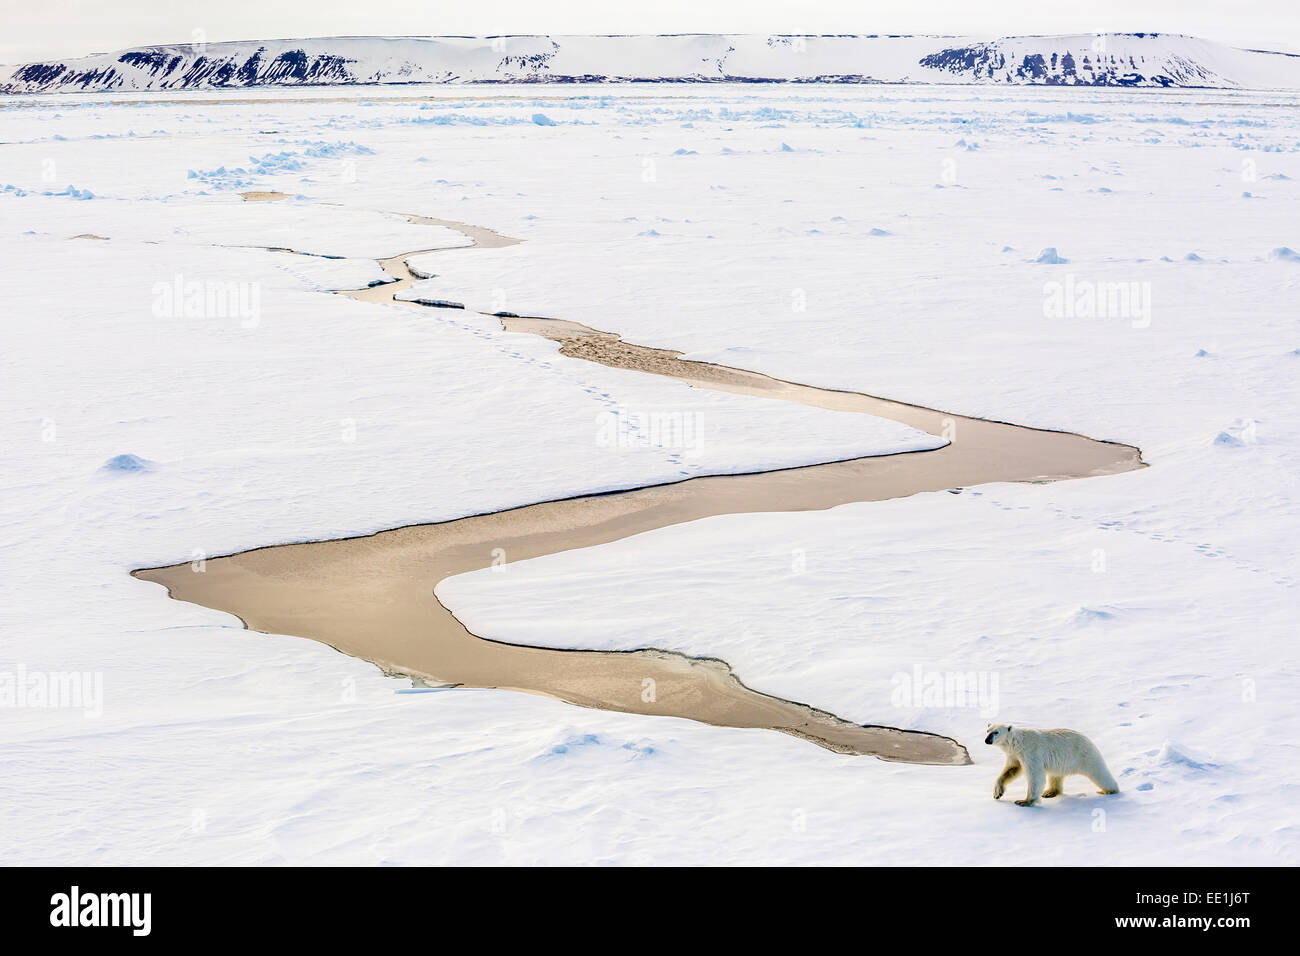 Des profils l'ours polaire (Ursus maritimus) en première année, la glace de mer dans le détroit Photo Stock